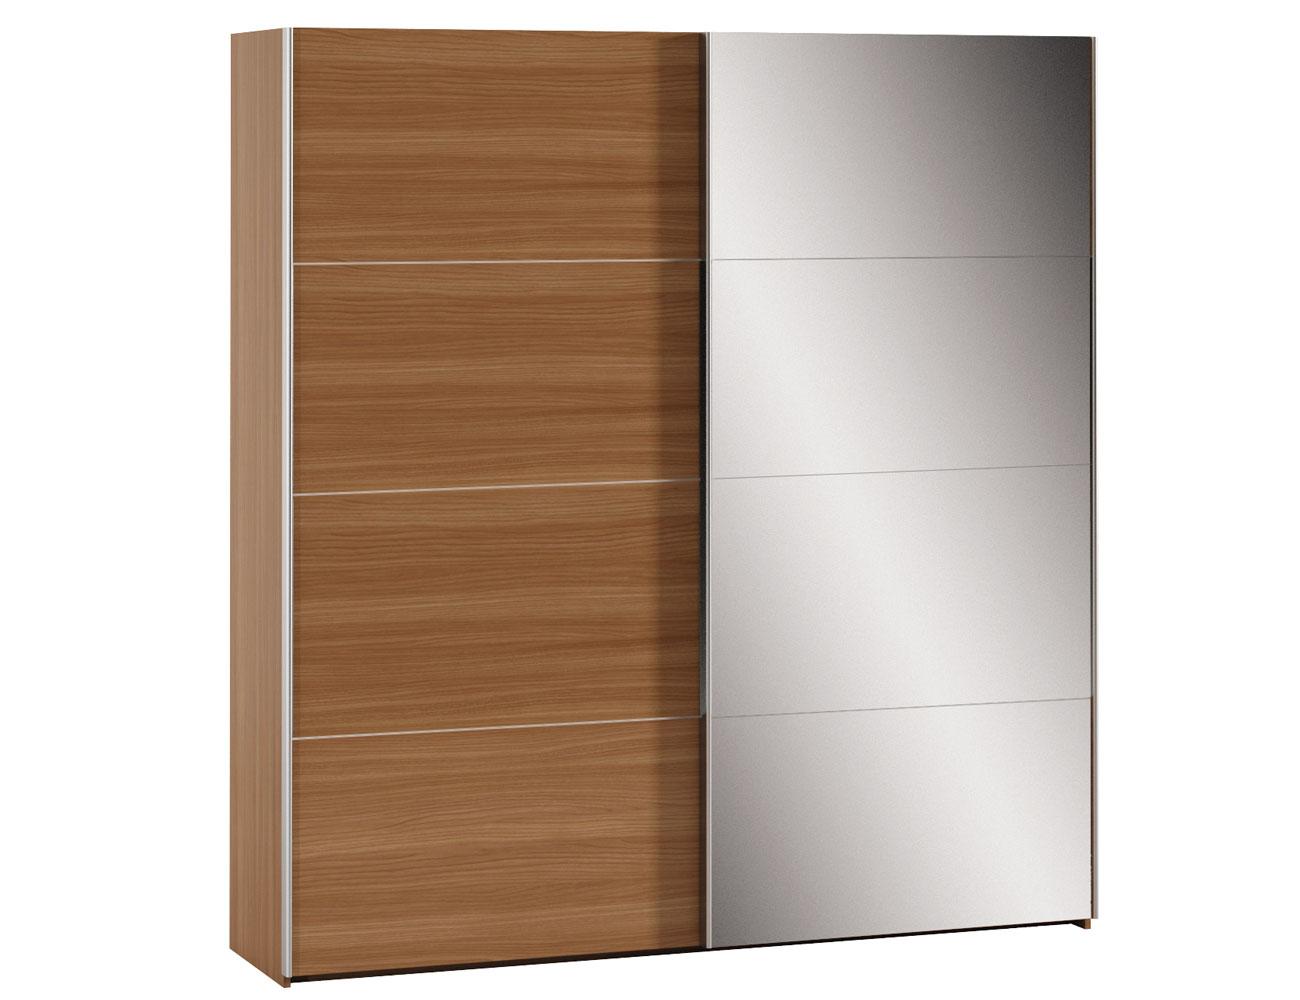 Dk 60 armario 2p correderas nogal espejo4